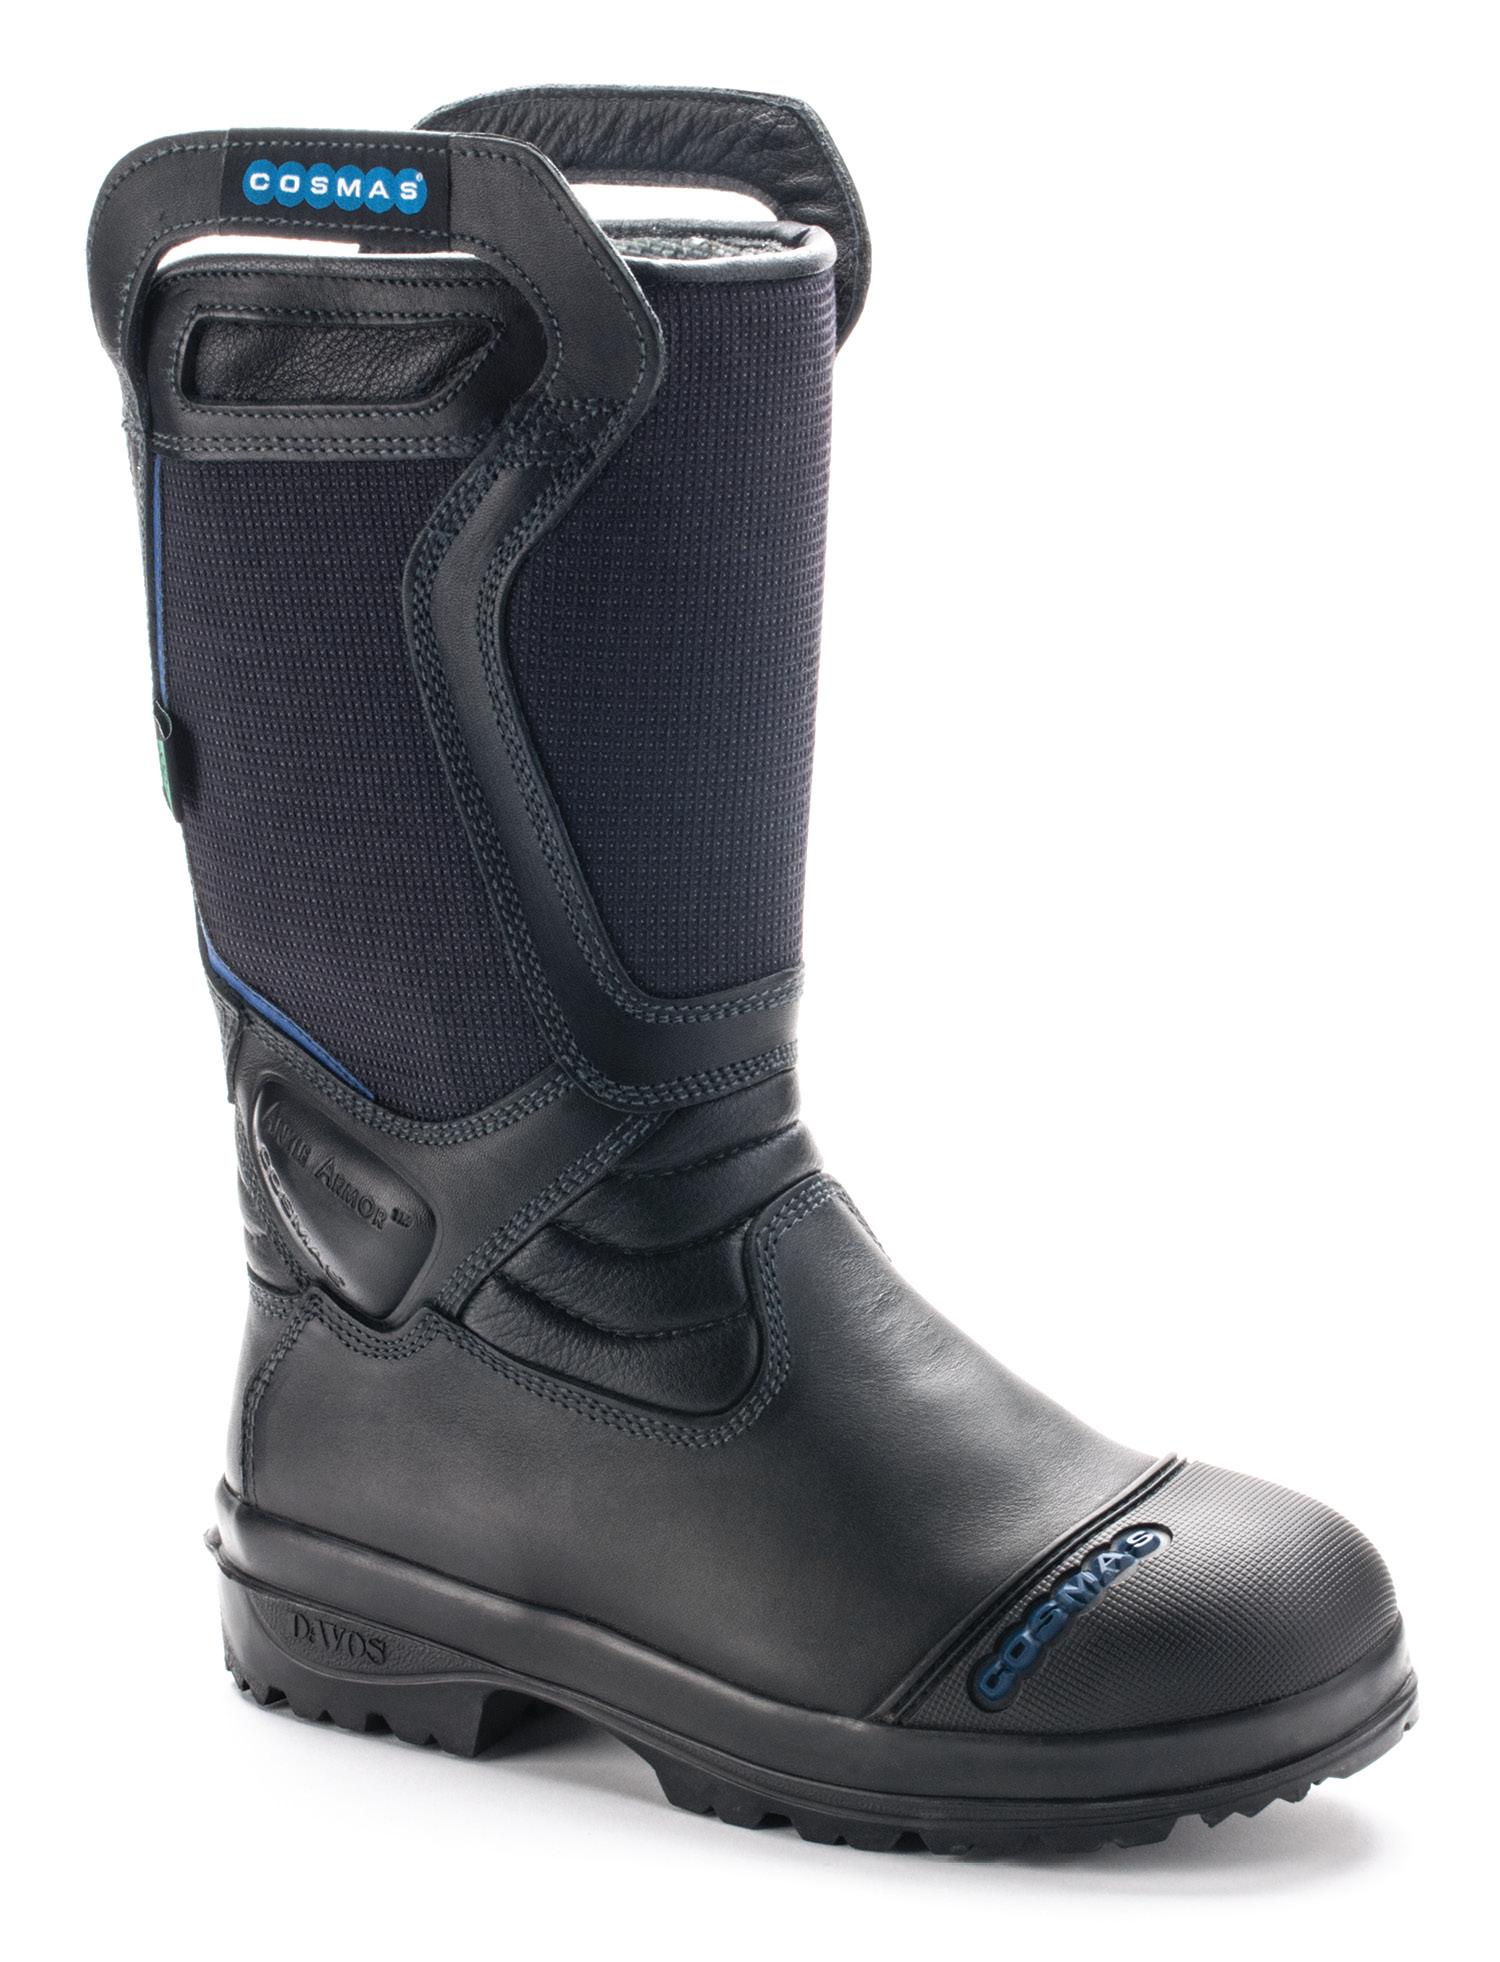 Cosmas USA Vulcan fire boot Zapatos, Bomberos